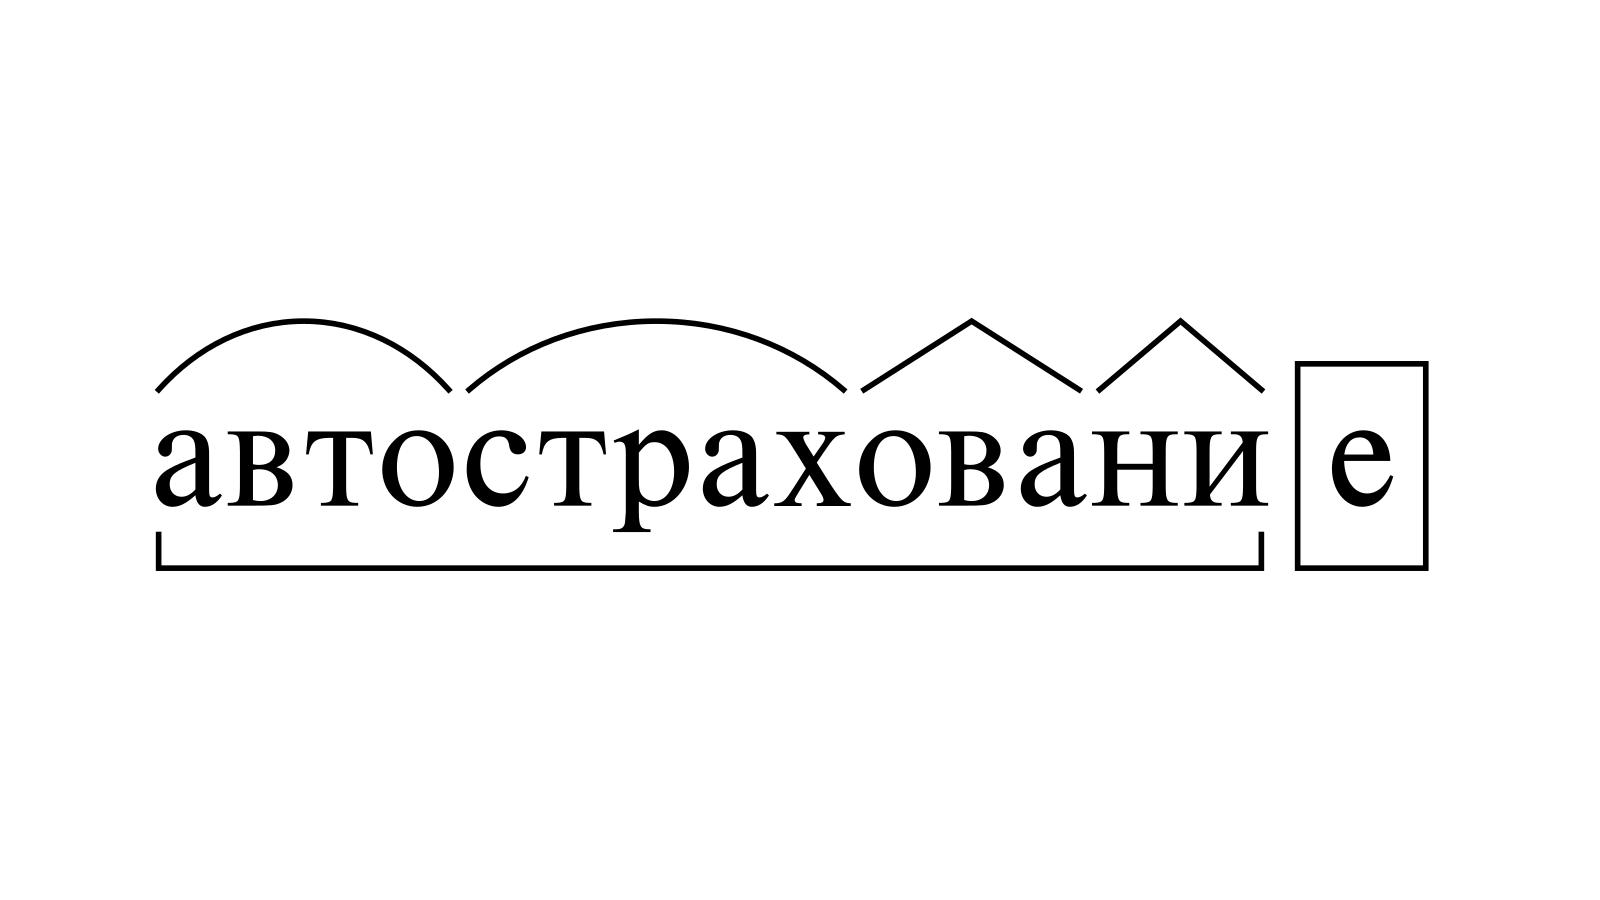 Разбор слова «автострахование» по составу